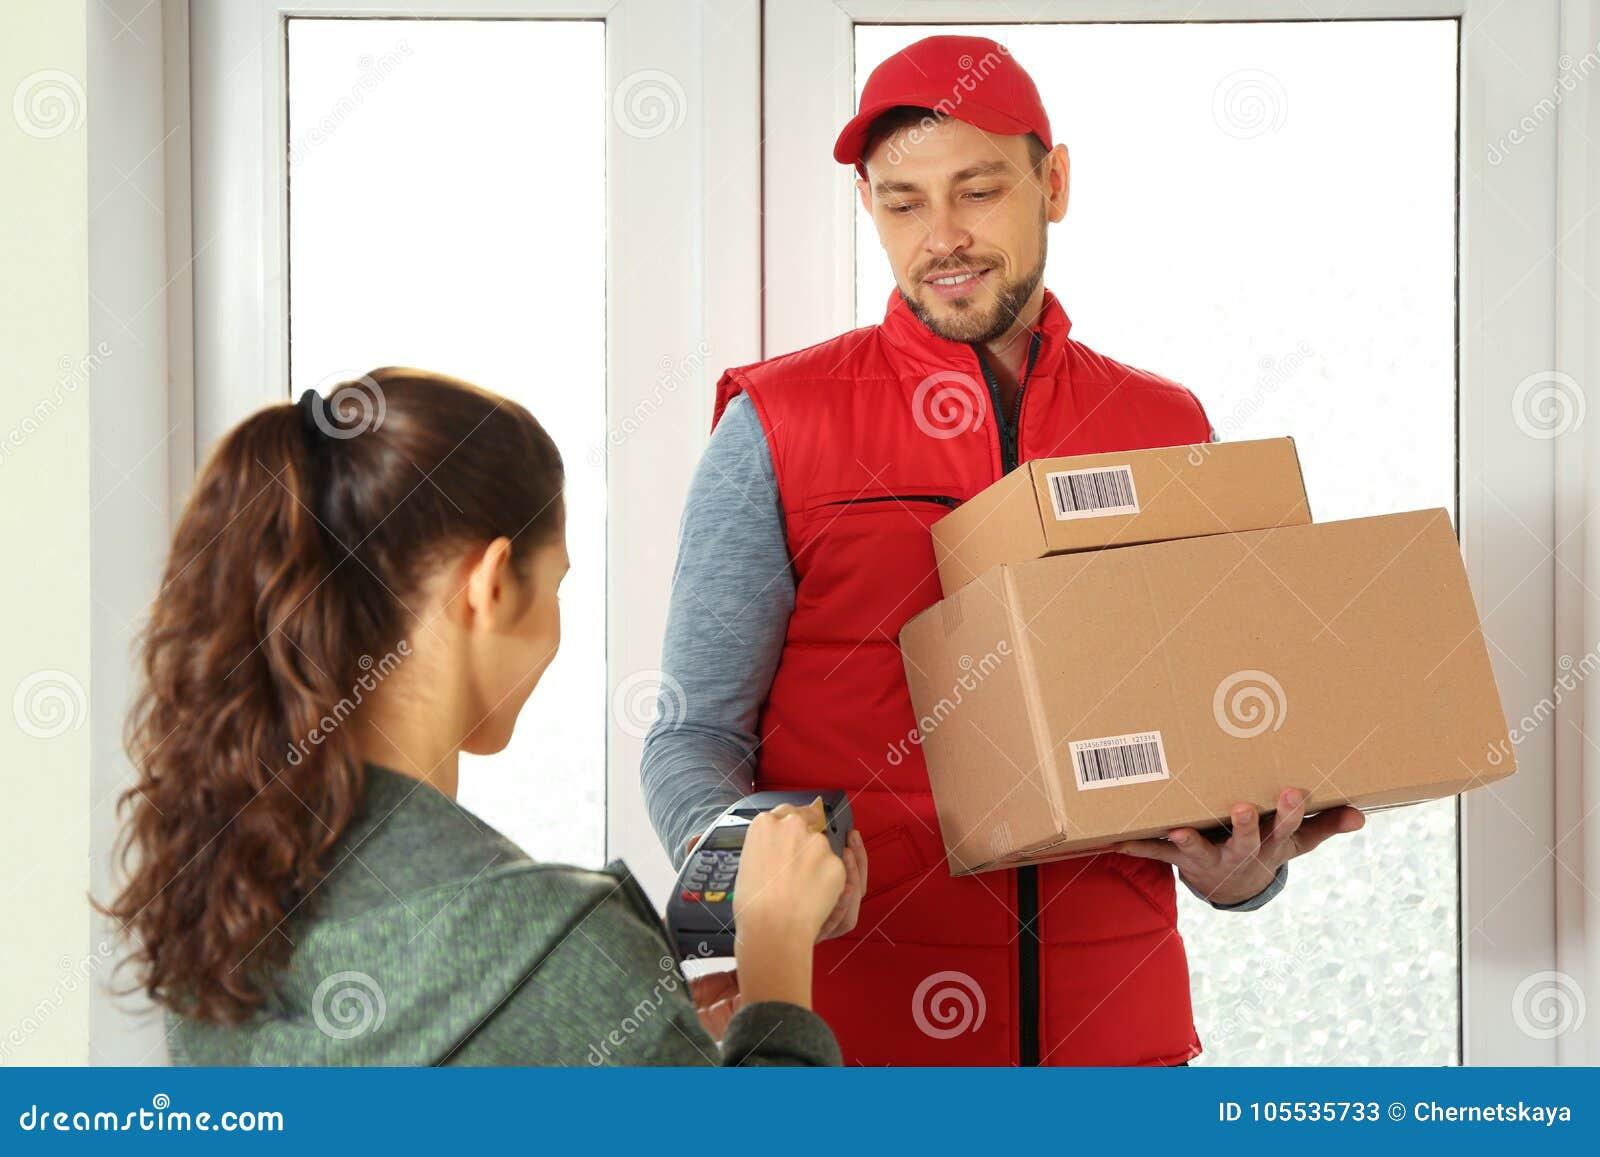 Jeune femme payant des colis reçus du messager